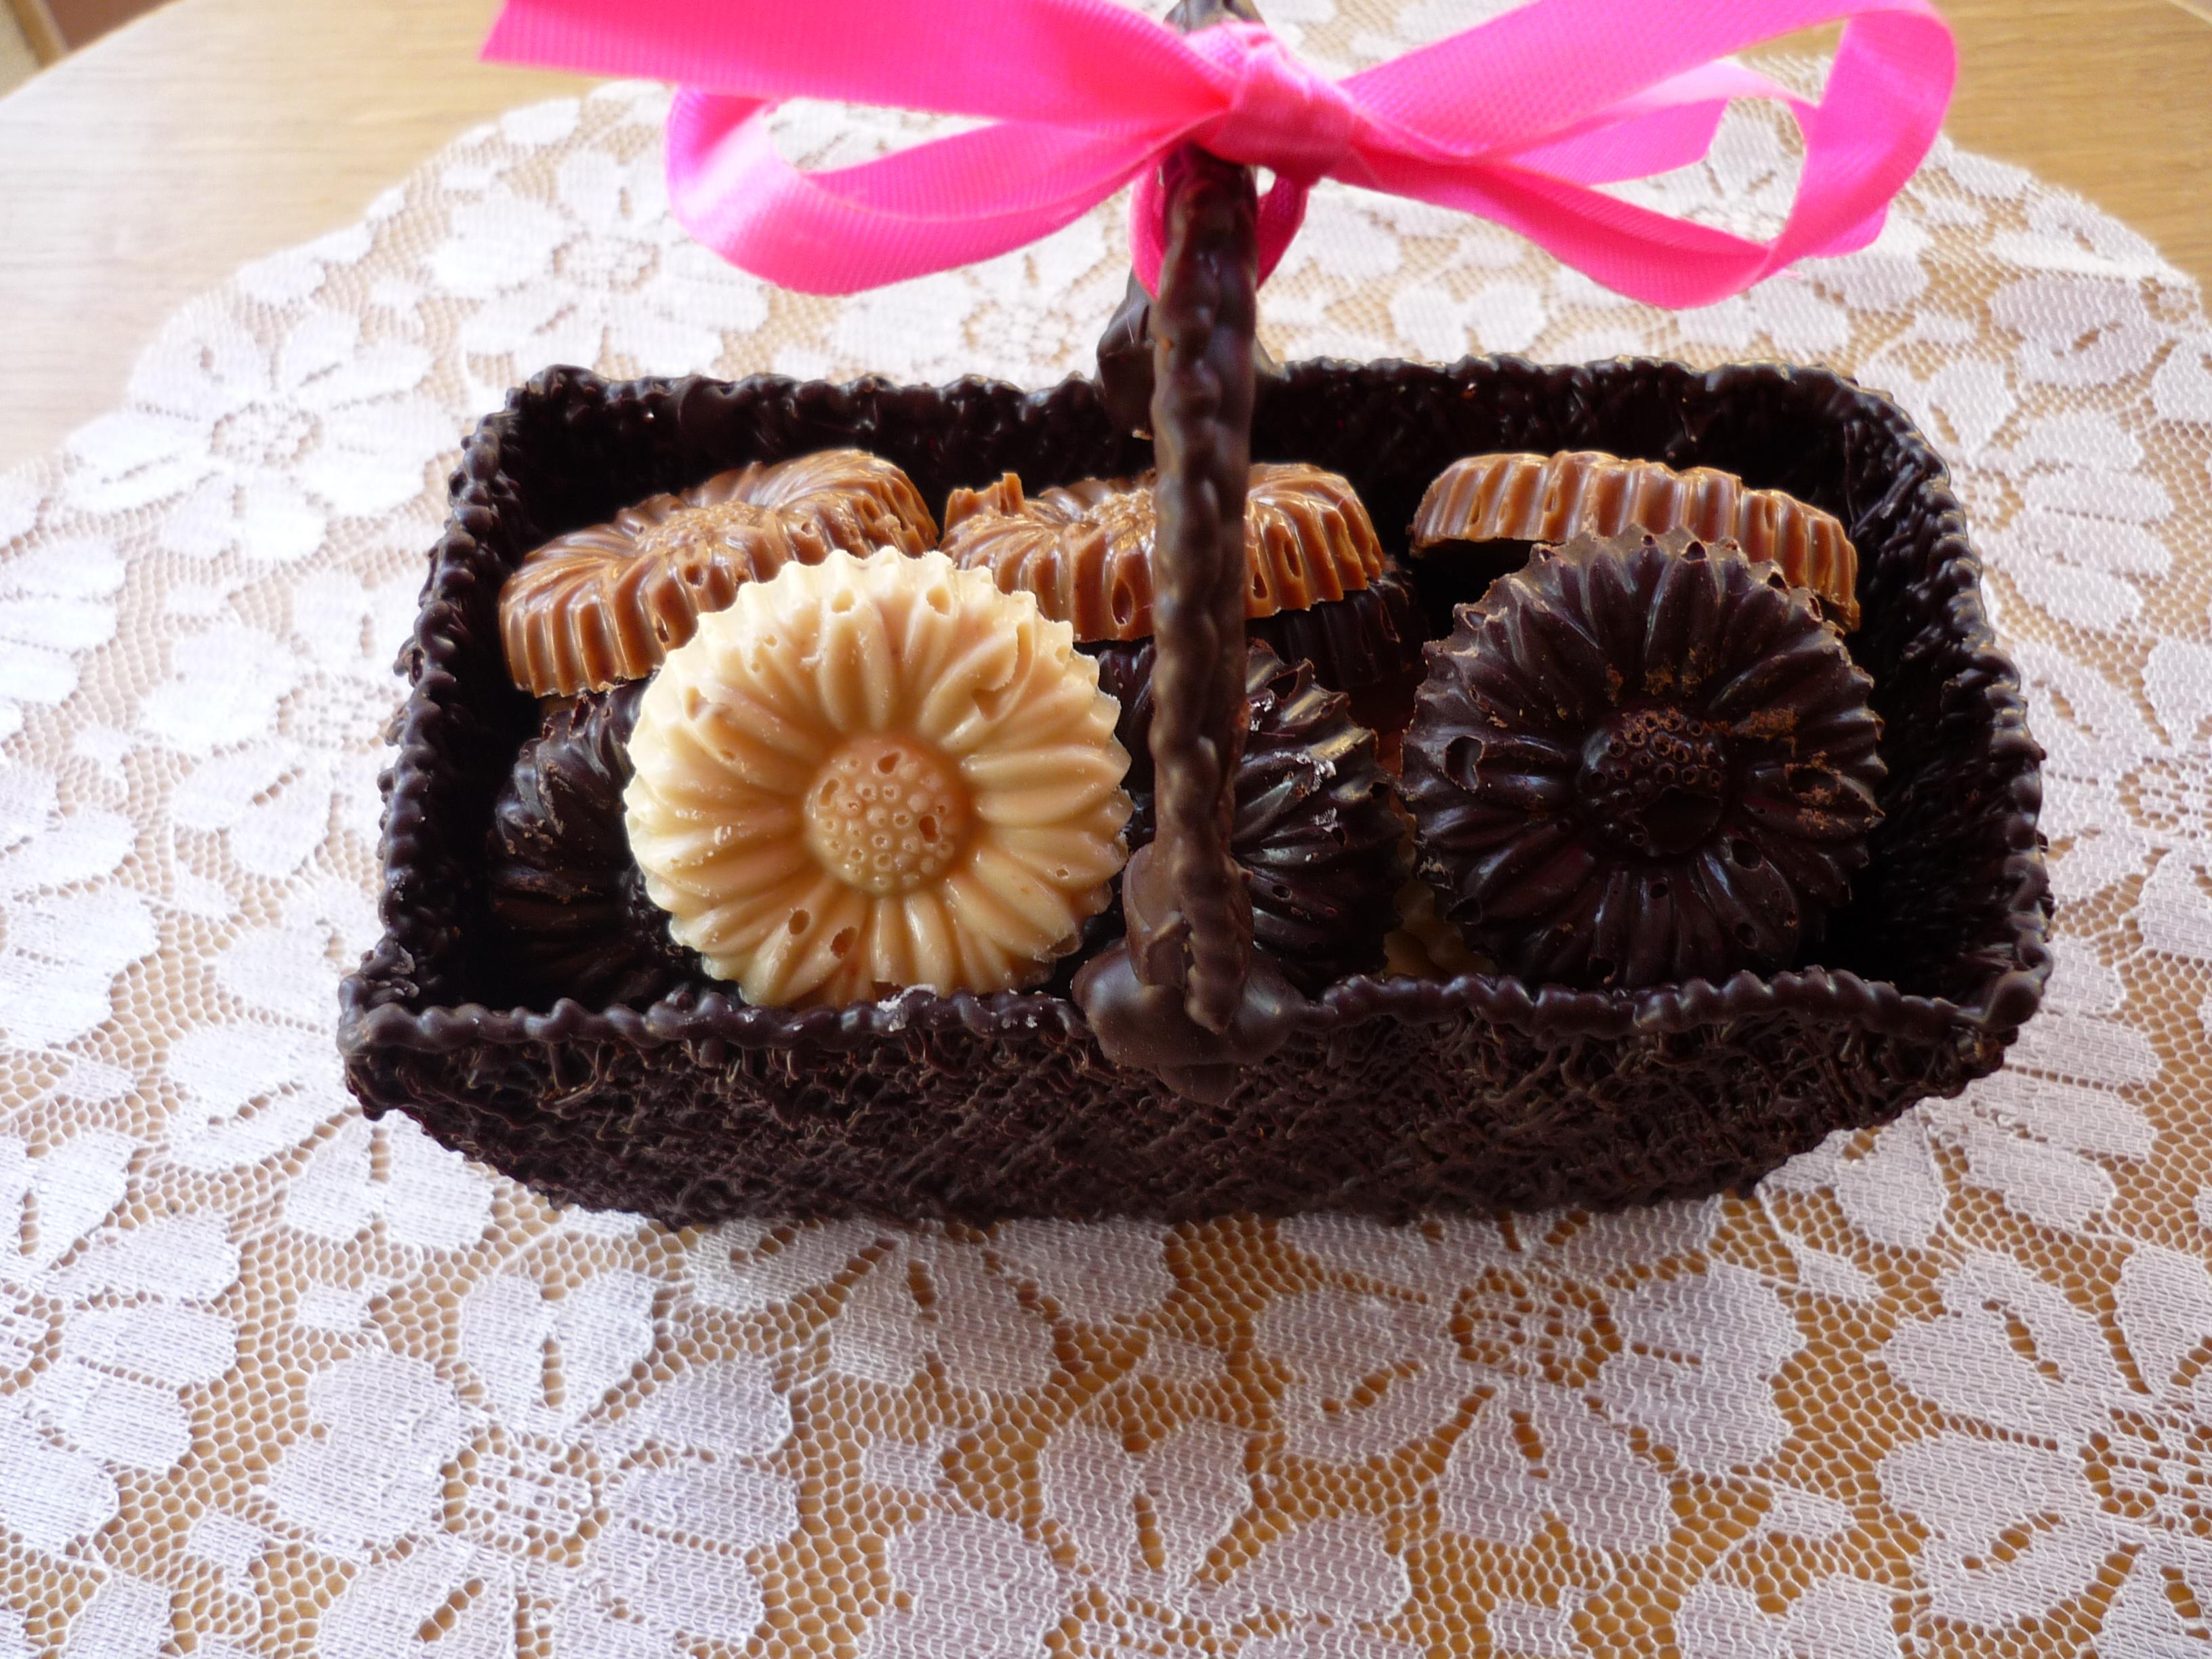 trois palis chocolaterie letuffe charente bateau en croisiere inter croisieres sireuil nicols.jpg